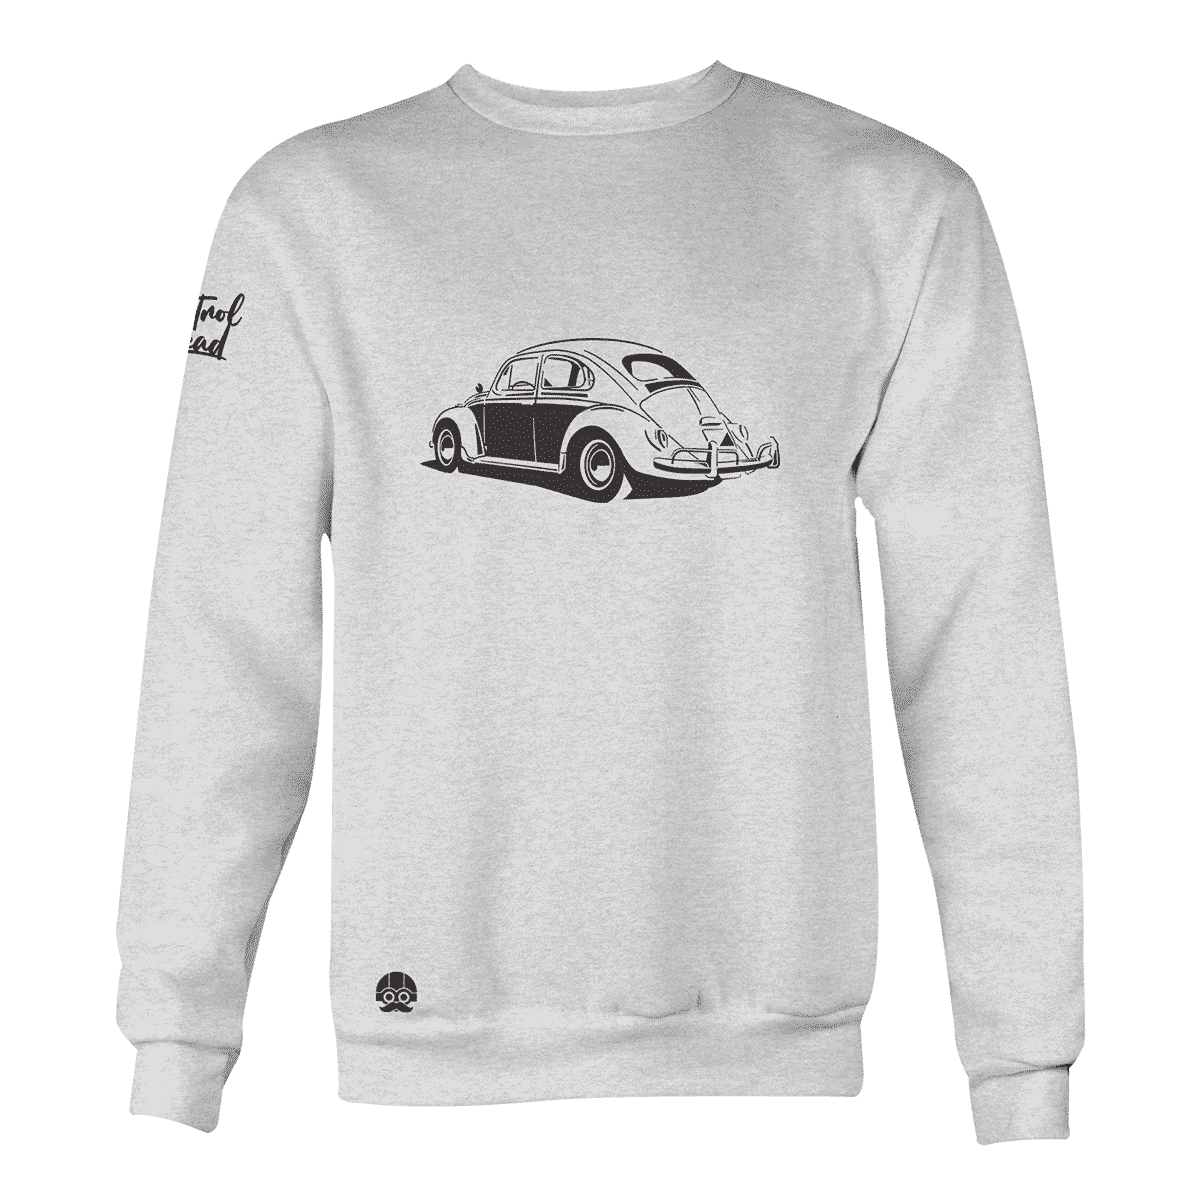 Bluza motoryzacyjna z Volkswagenem Garbusem